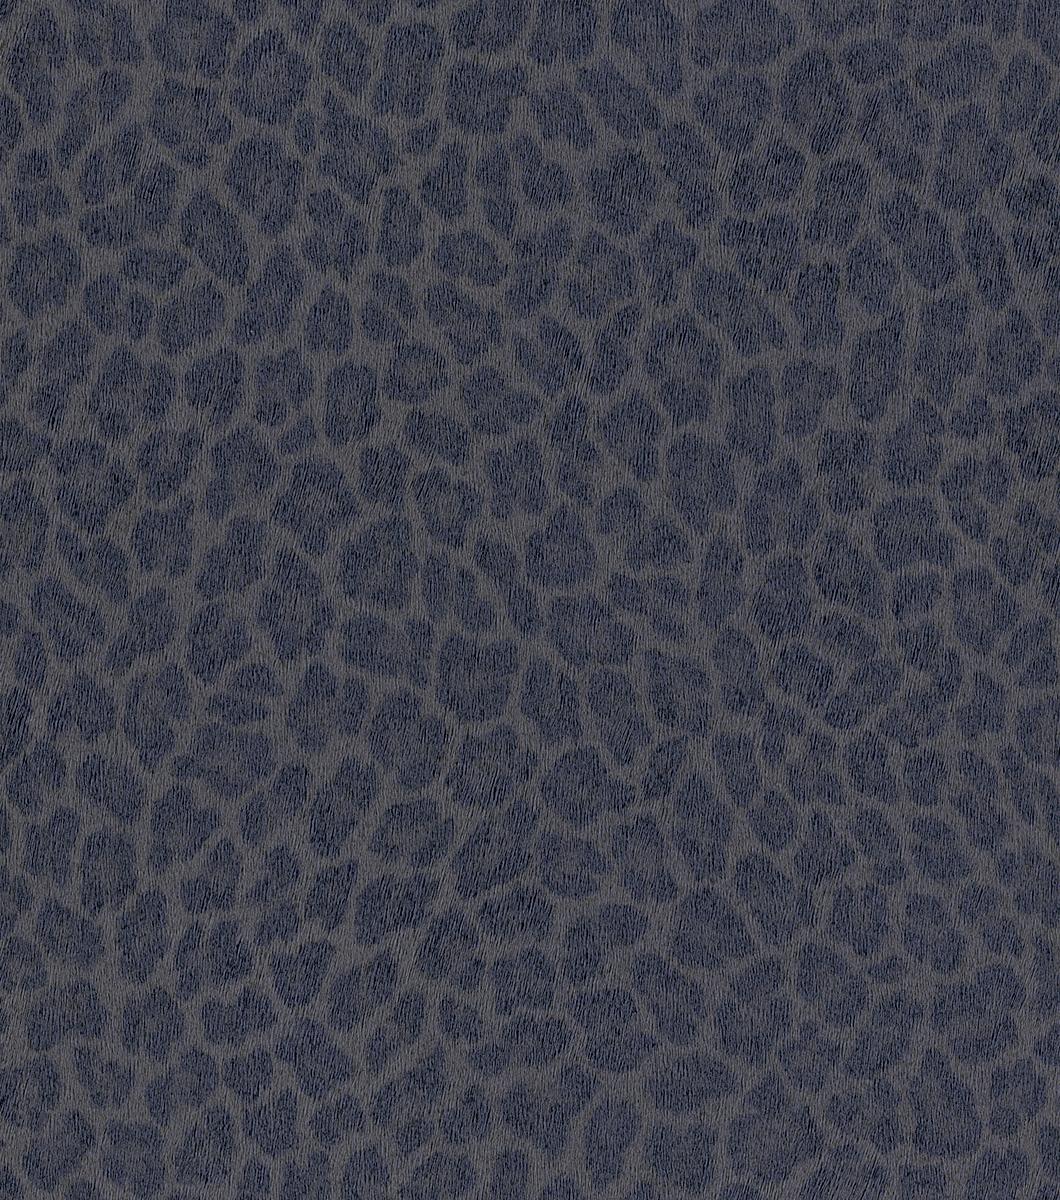 Kék-szürke színű leopárd mintás tapéta